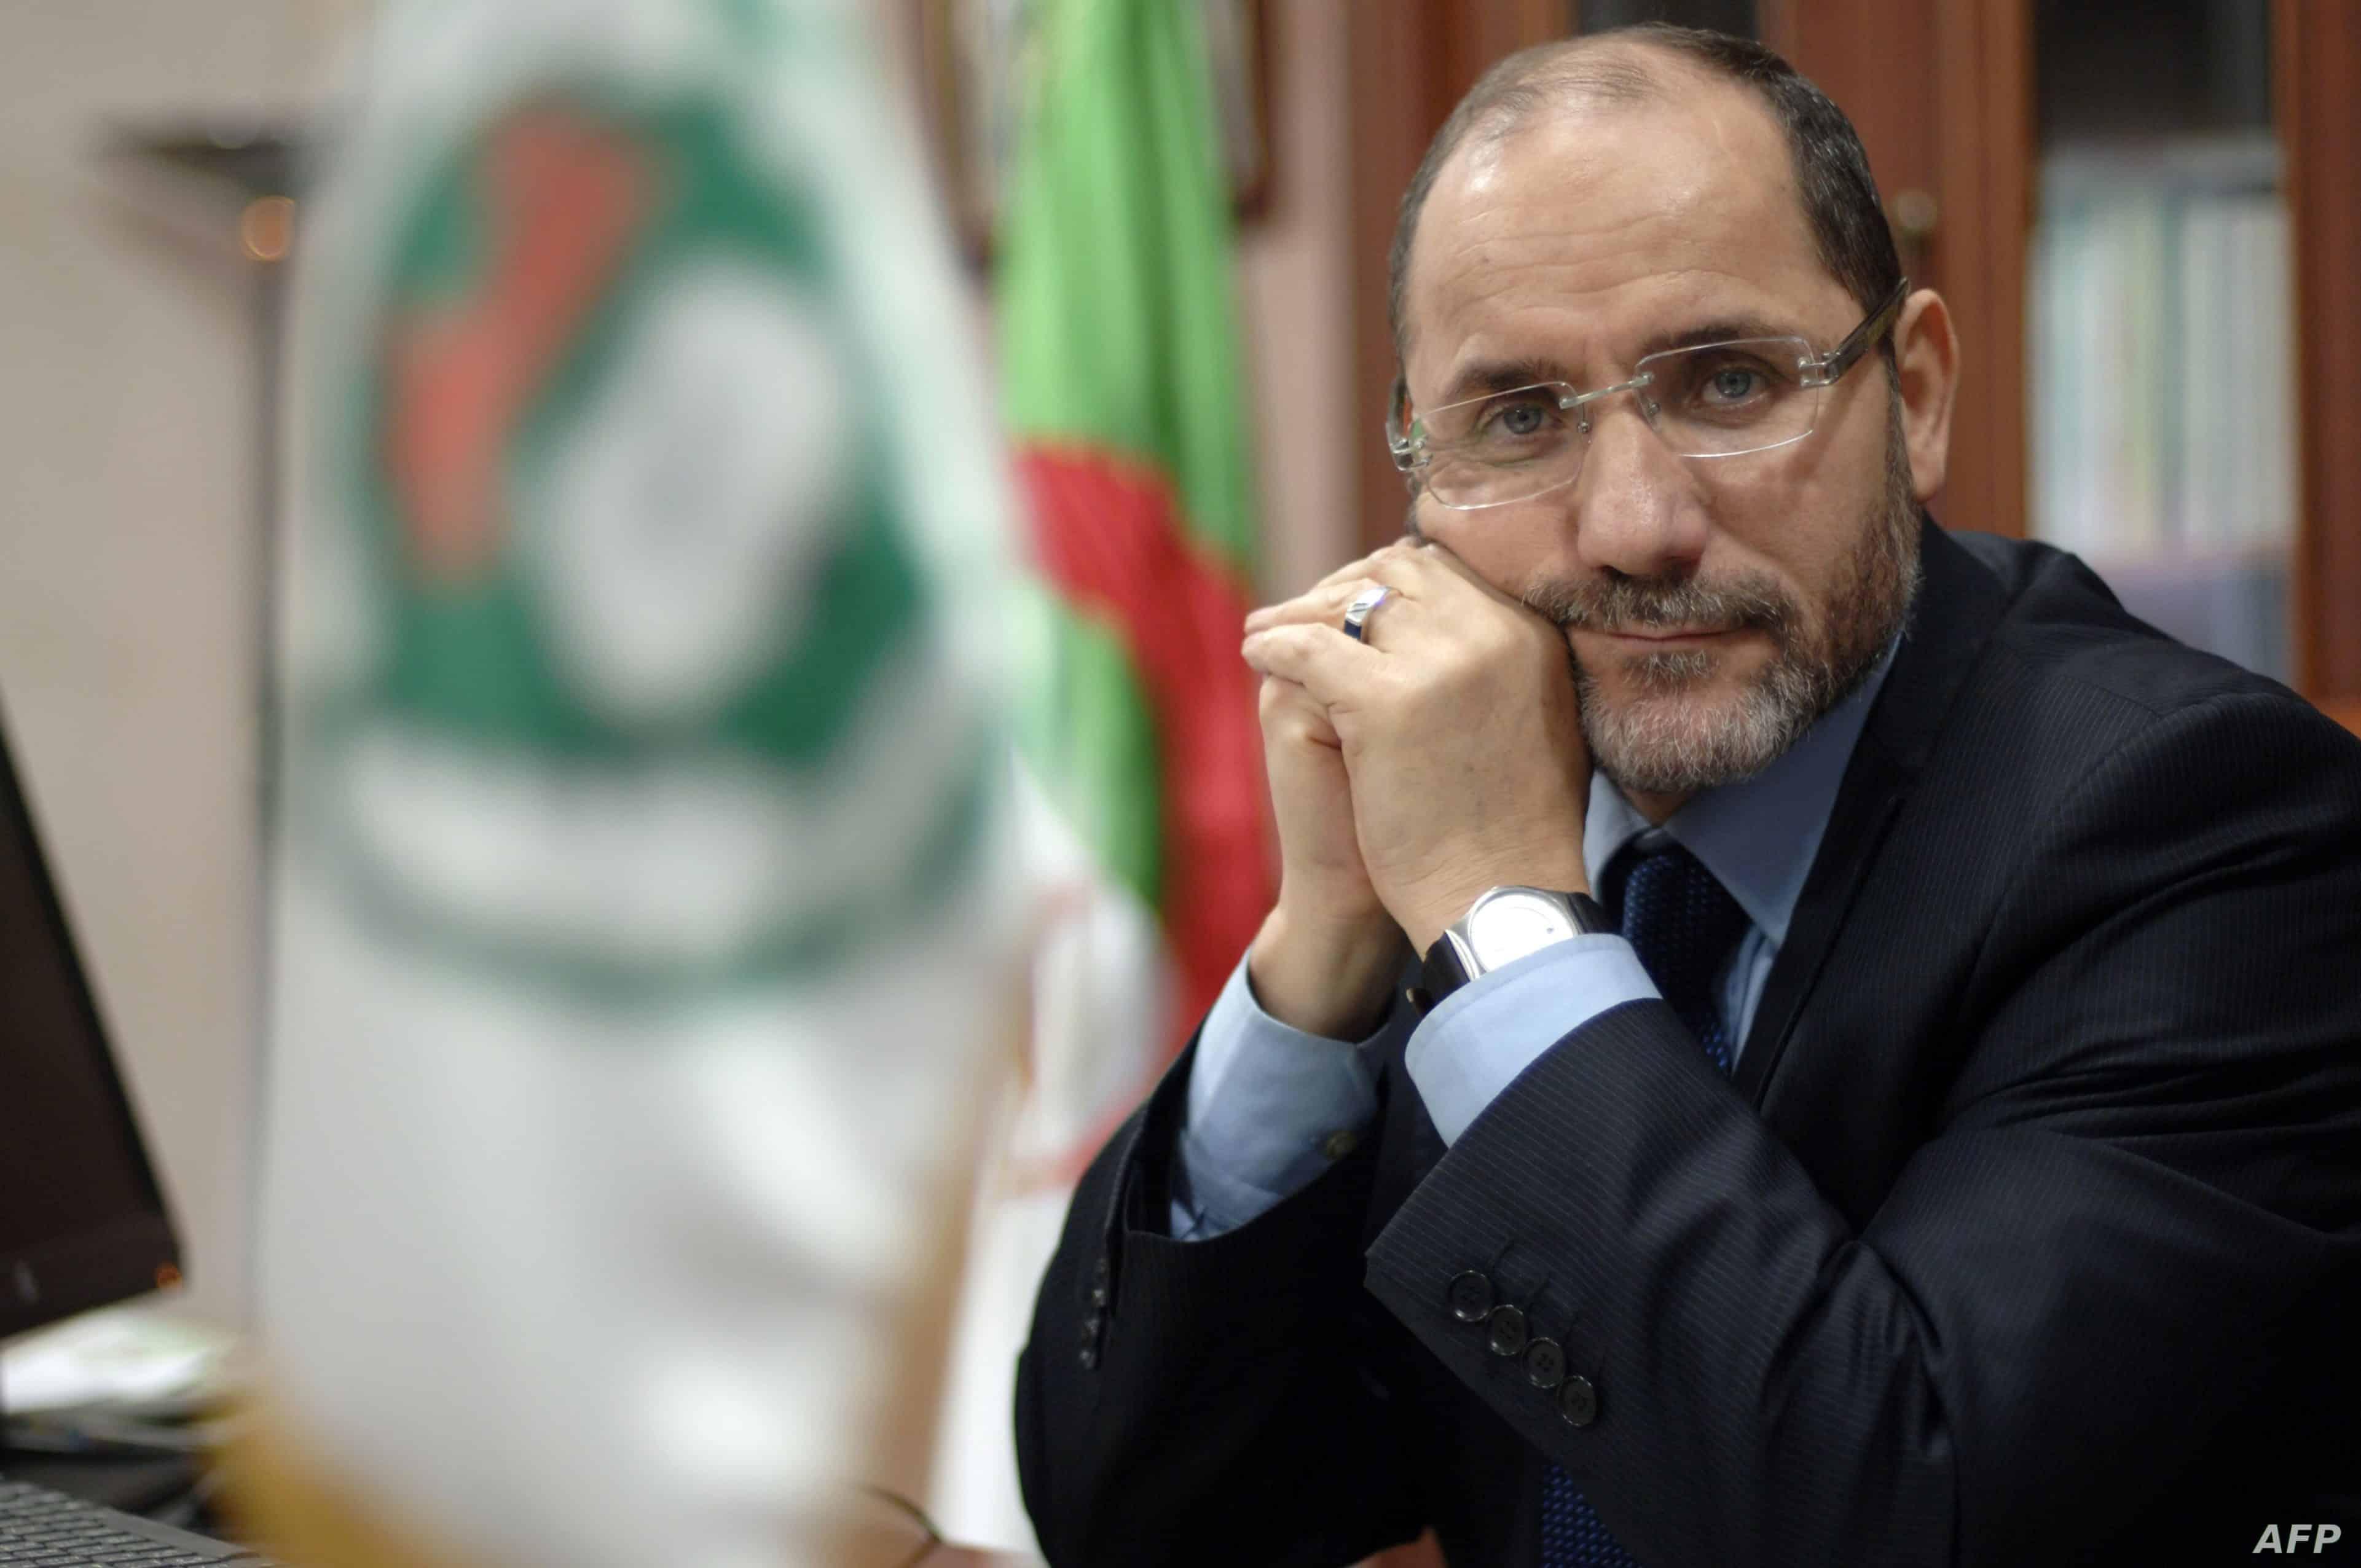 رئيس حركة مجتمع السلم الجزائرية يستفز ملك المغرب محمد السادس ويدعوه للتوبة قبل الندم